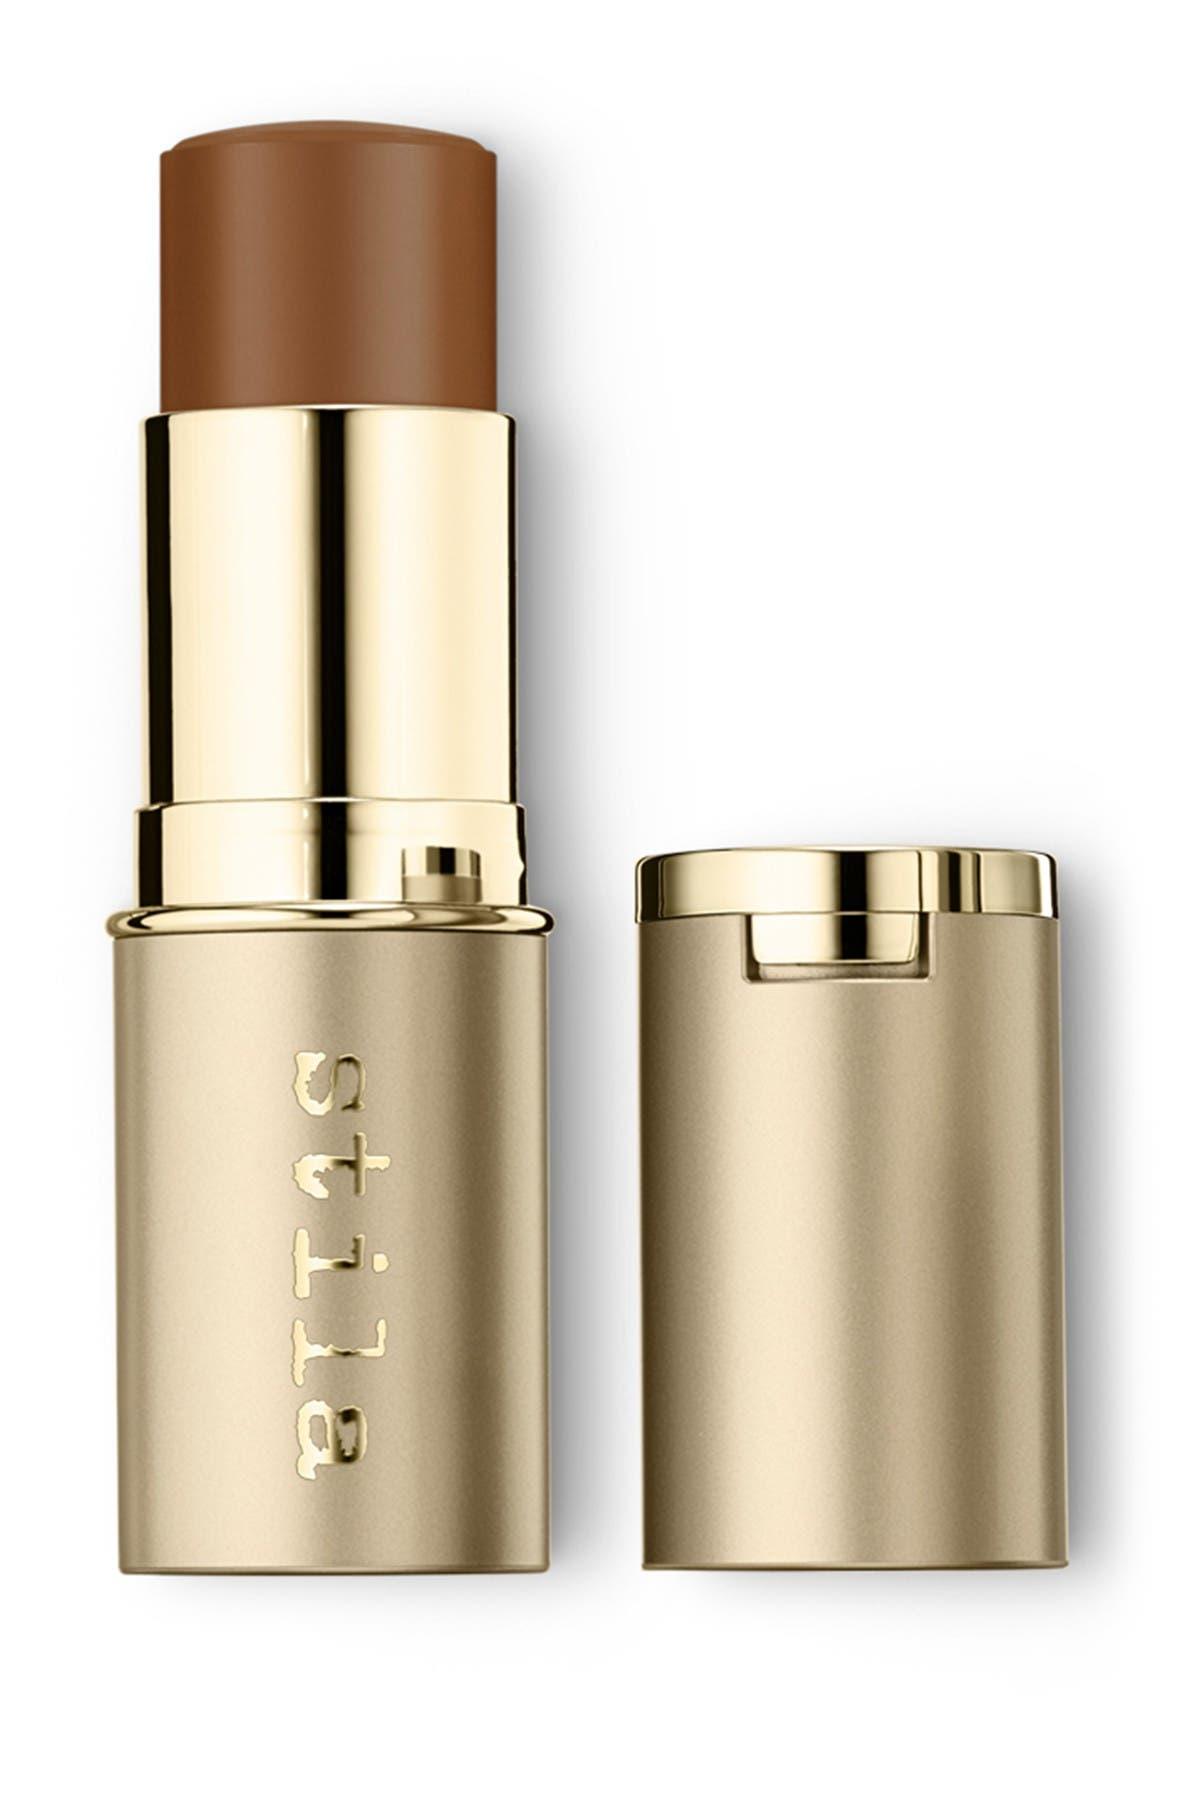 Image of Stila Foundation & Concealer Stick - Tan 13